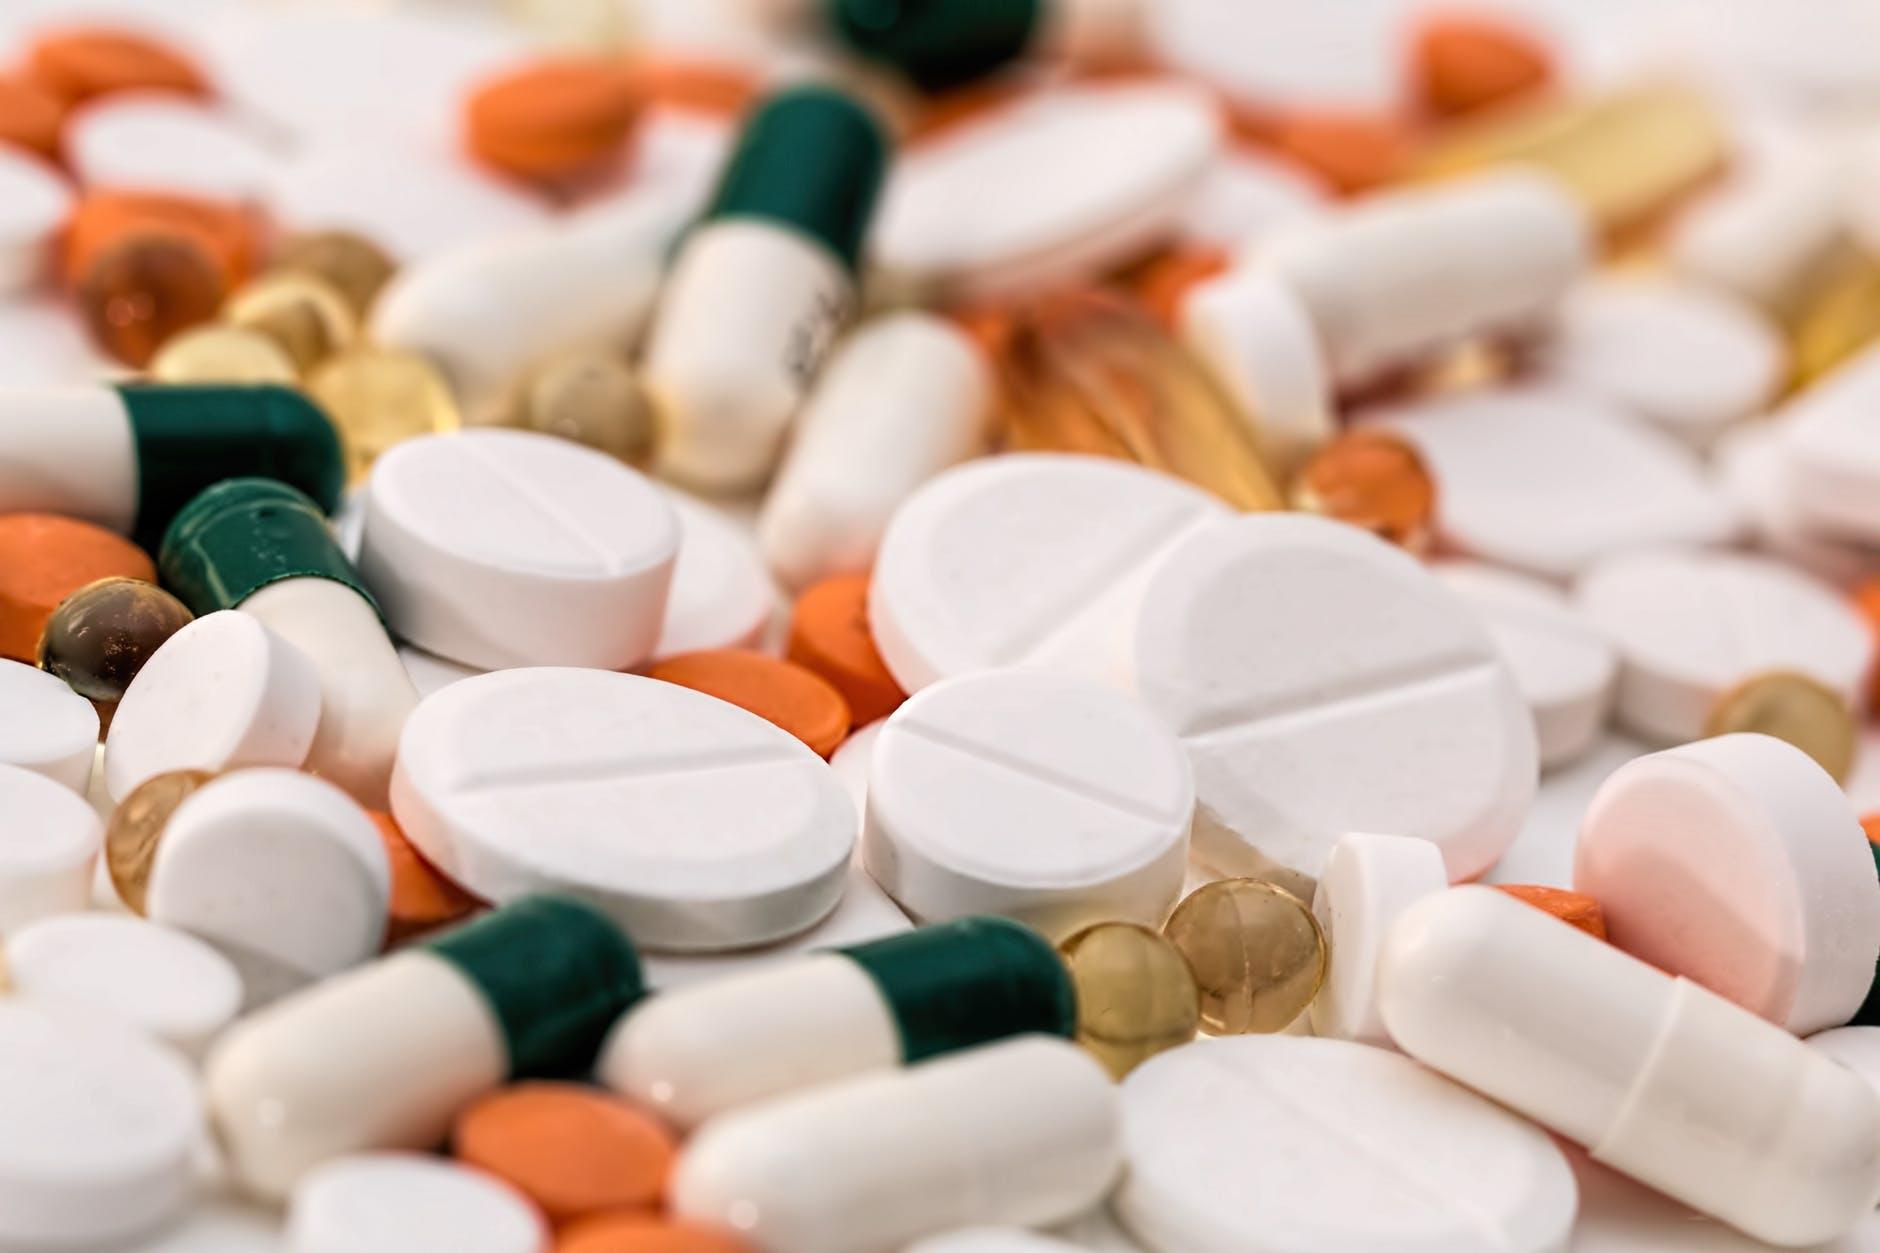 กินยา เตือนภัยสุขภาพ โรคไต